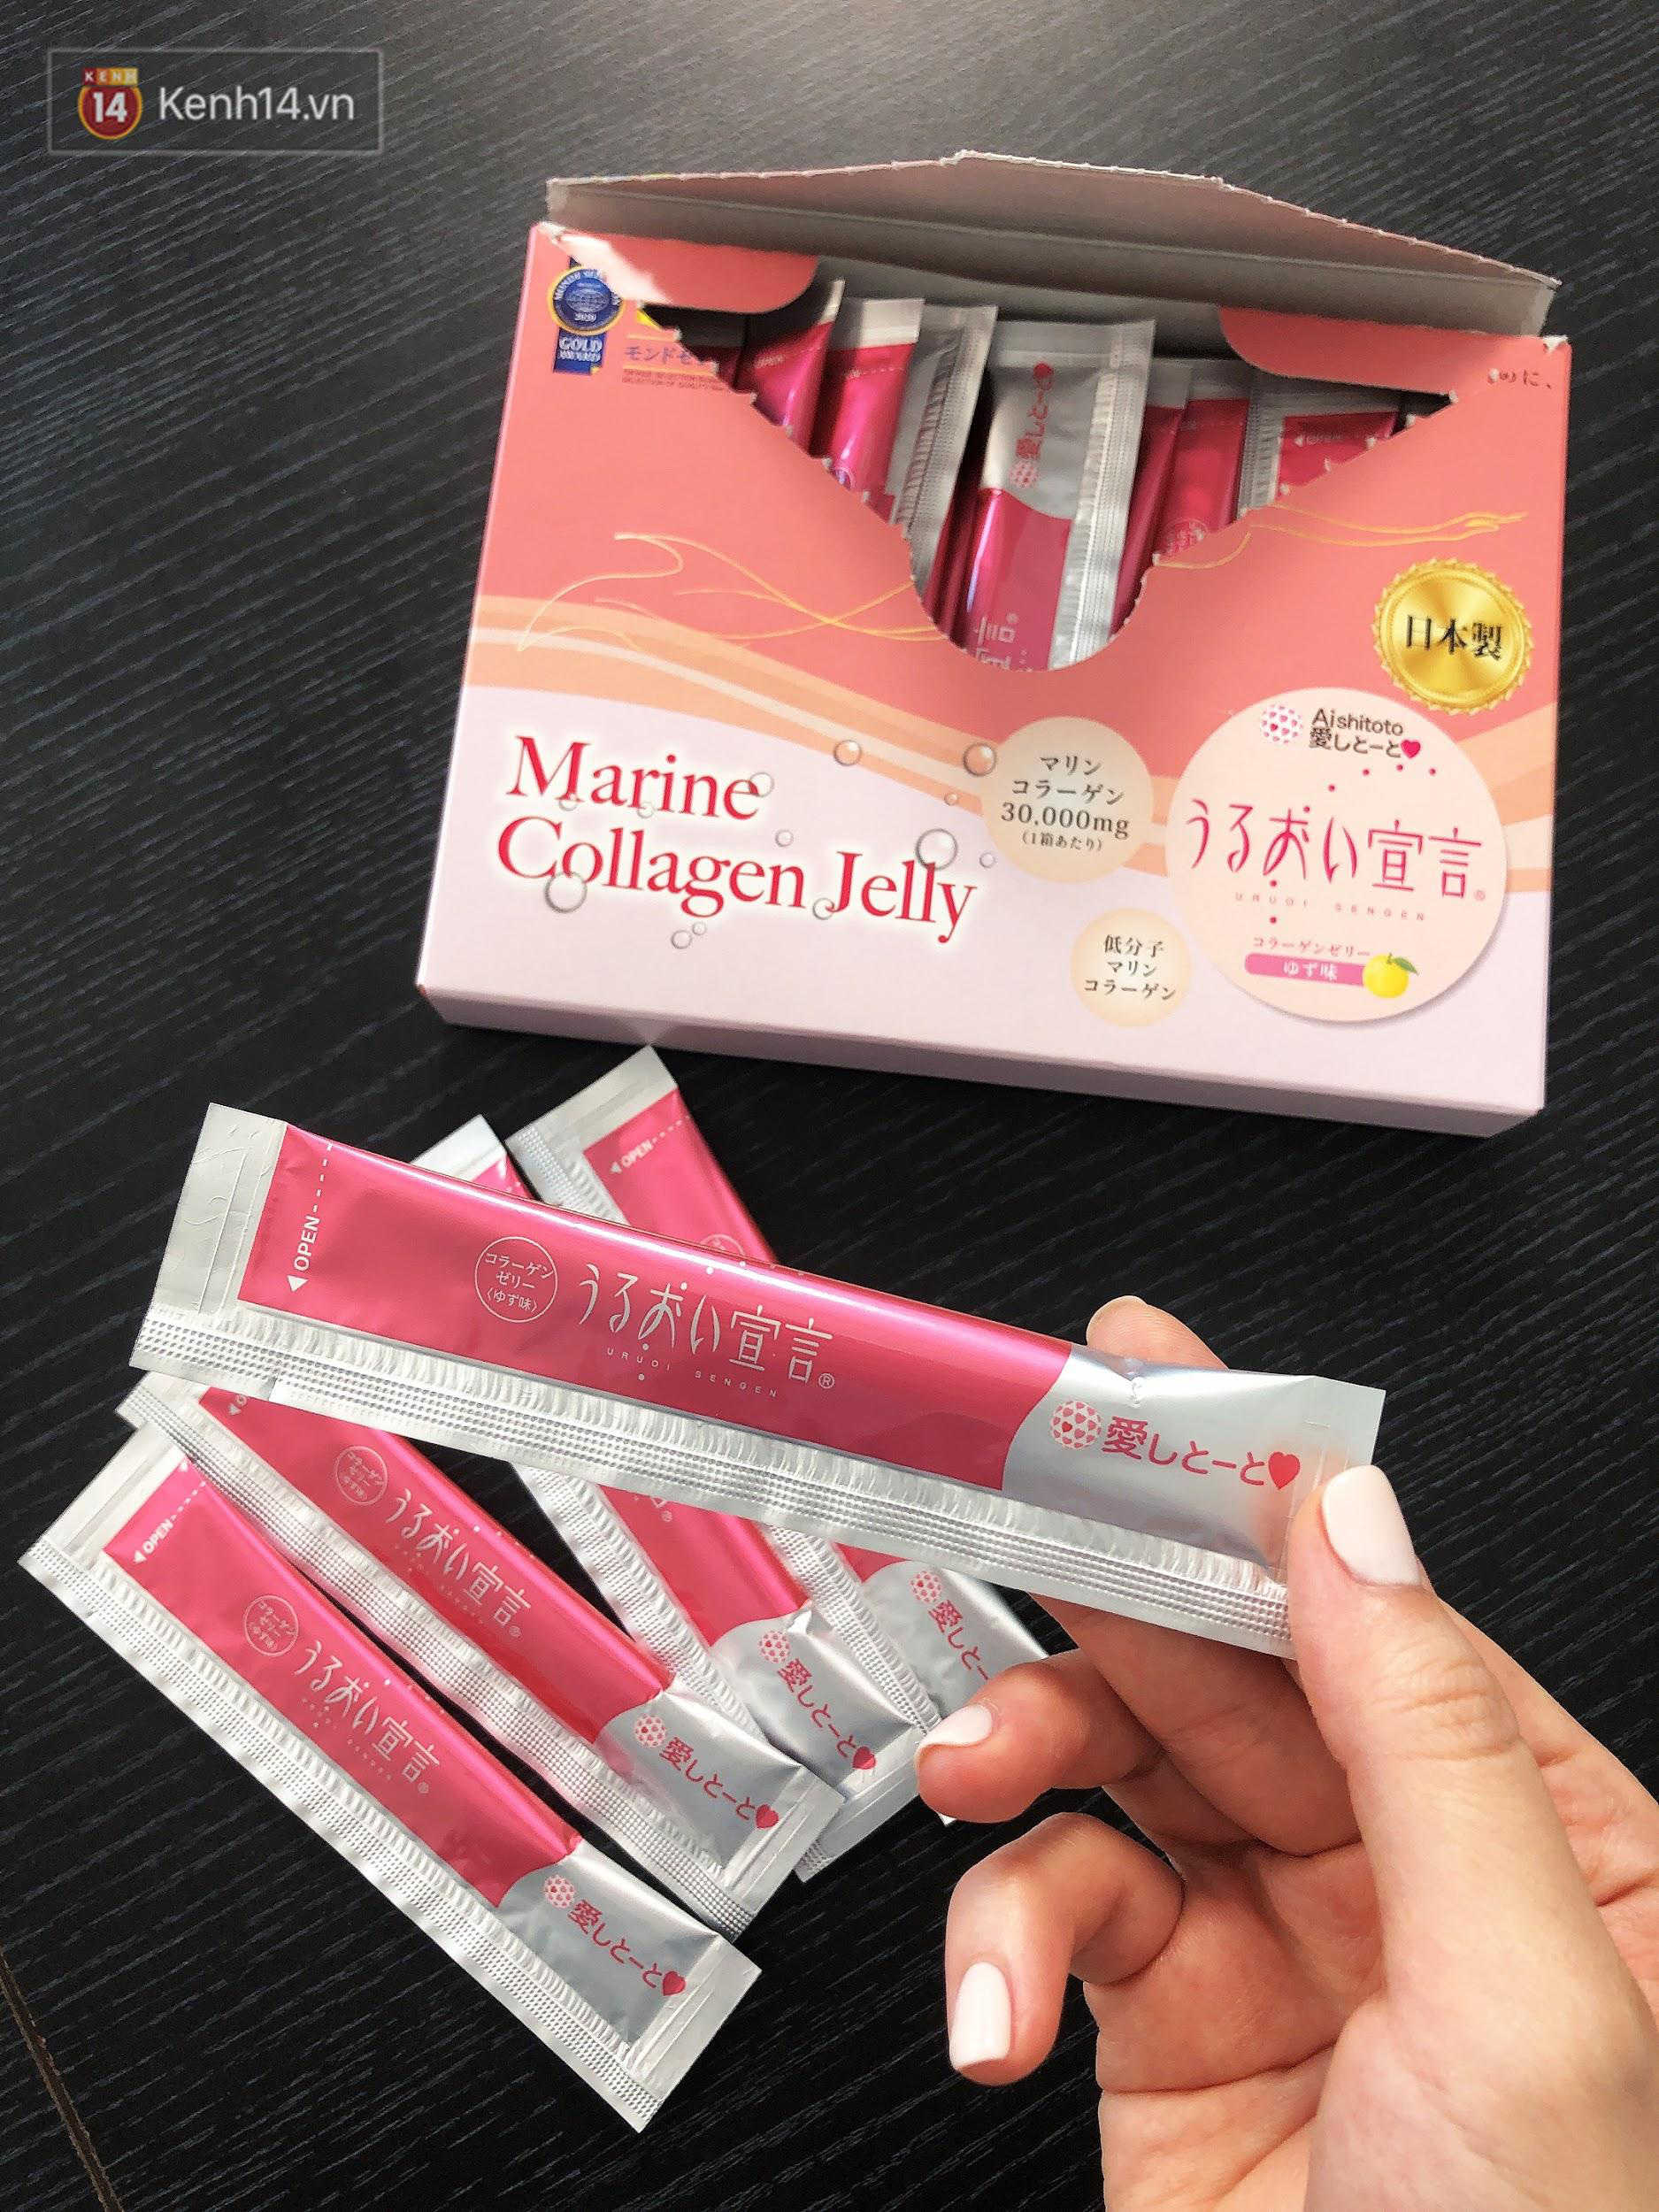 Dưỡng da mãi mà chưa đẹp thì chắc chắn thứ bạn cần sắm bây giờ là collagen! - Ảnh 3.